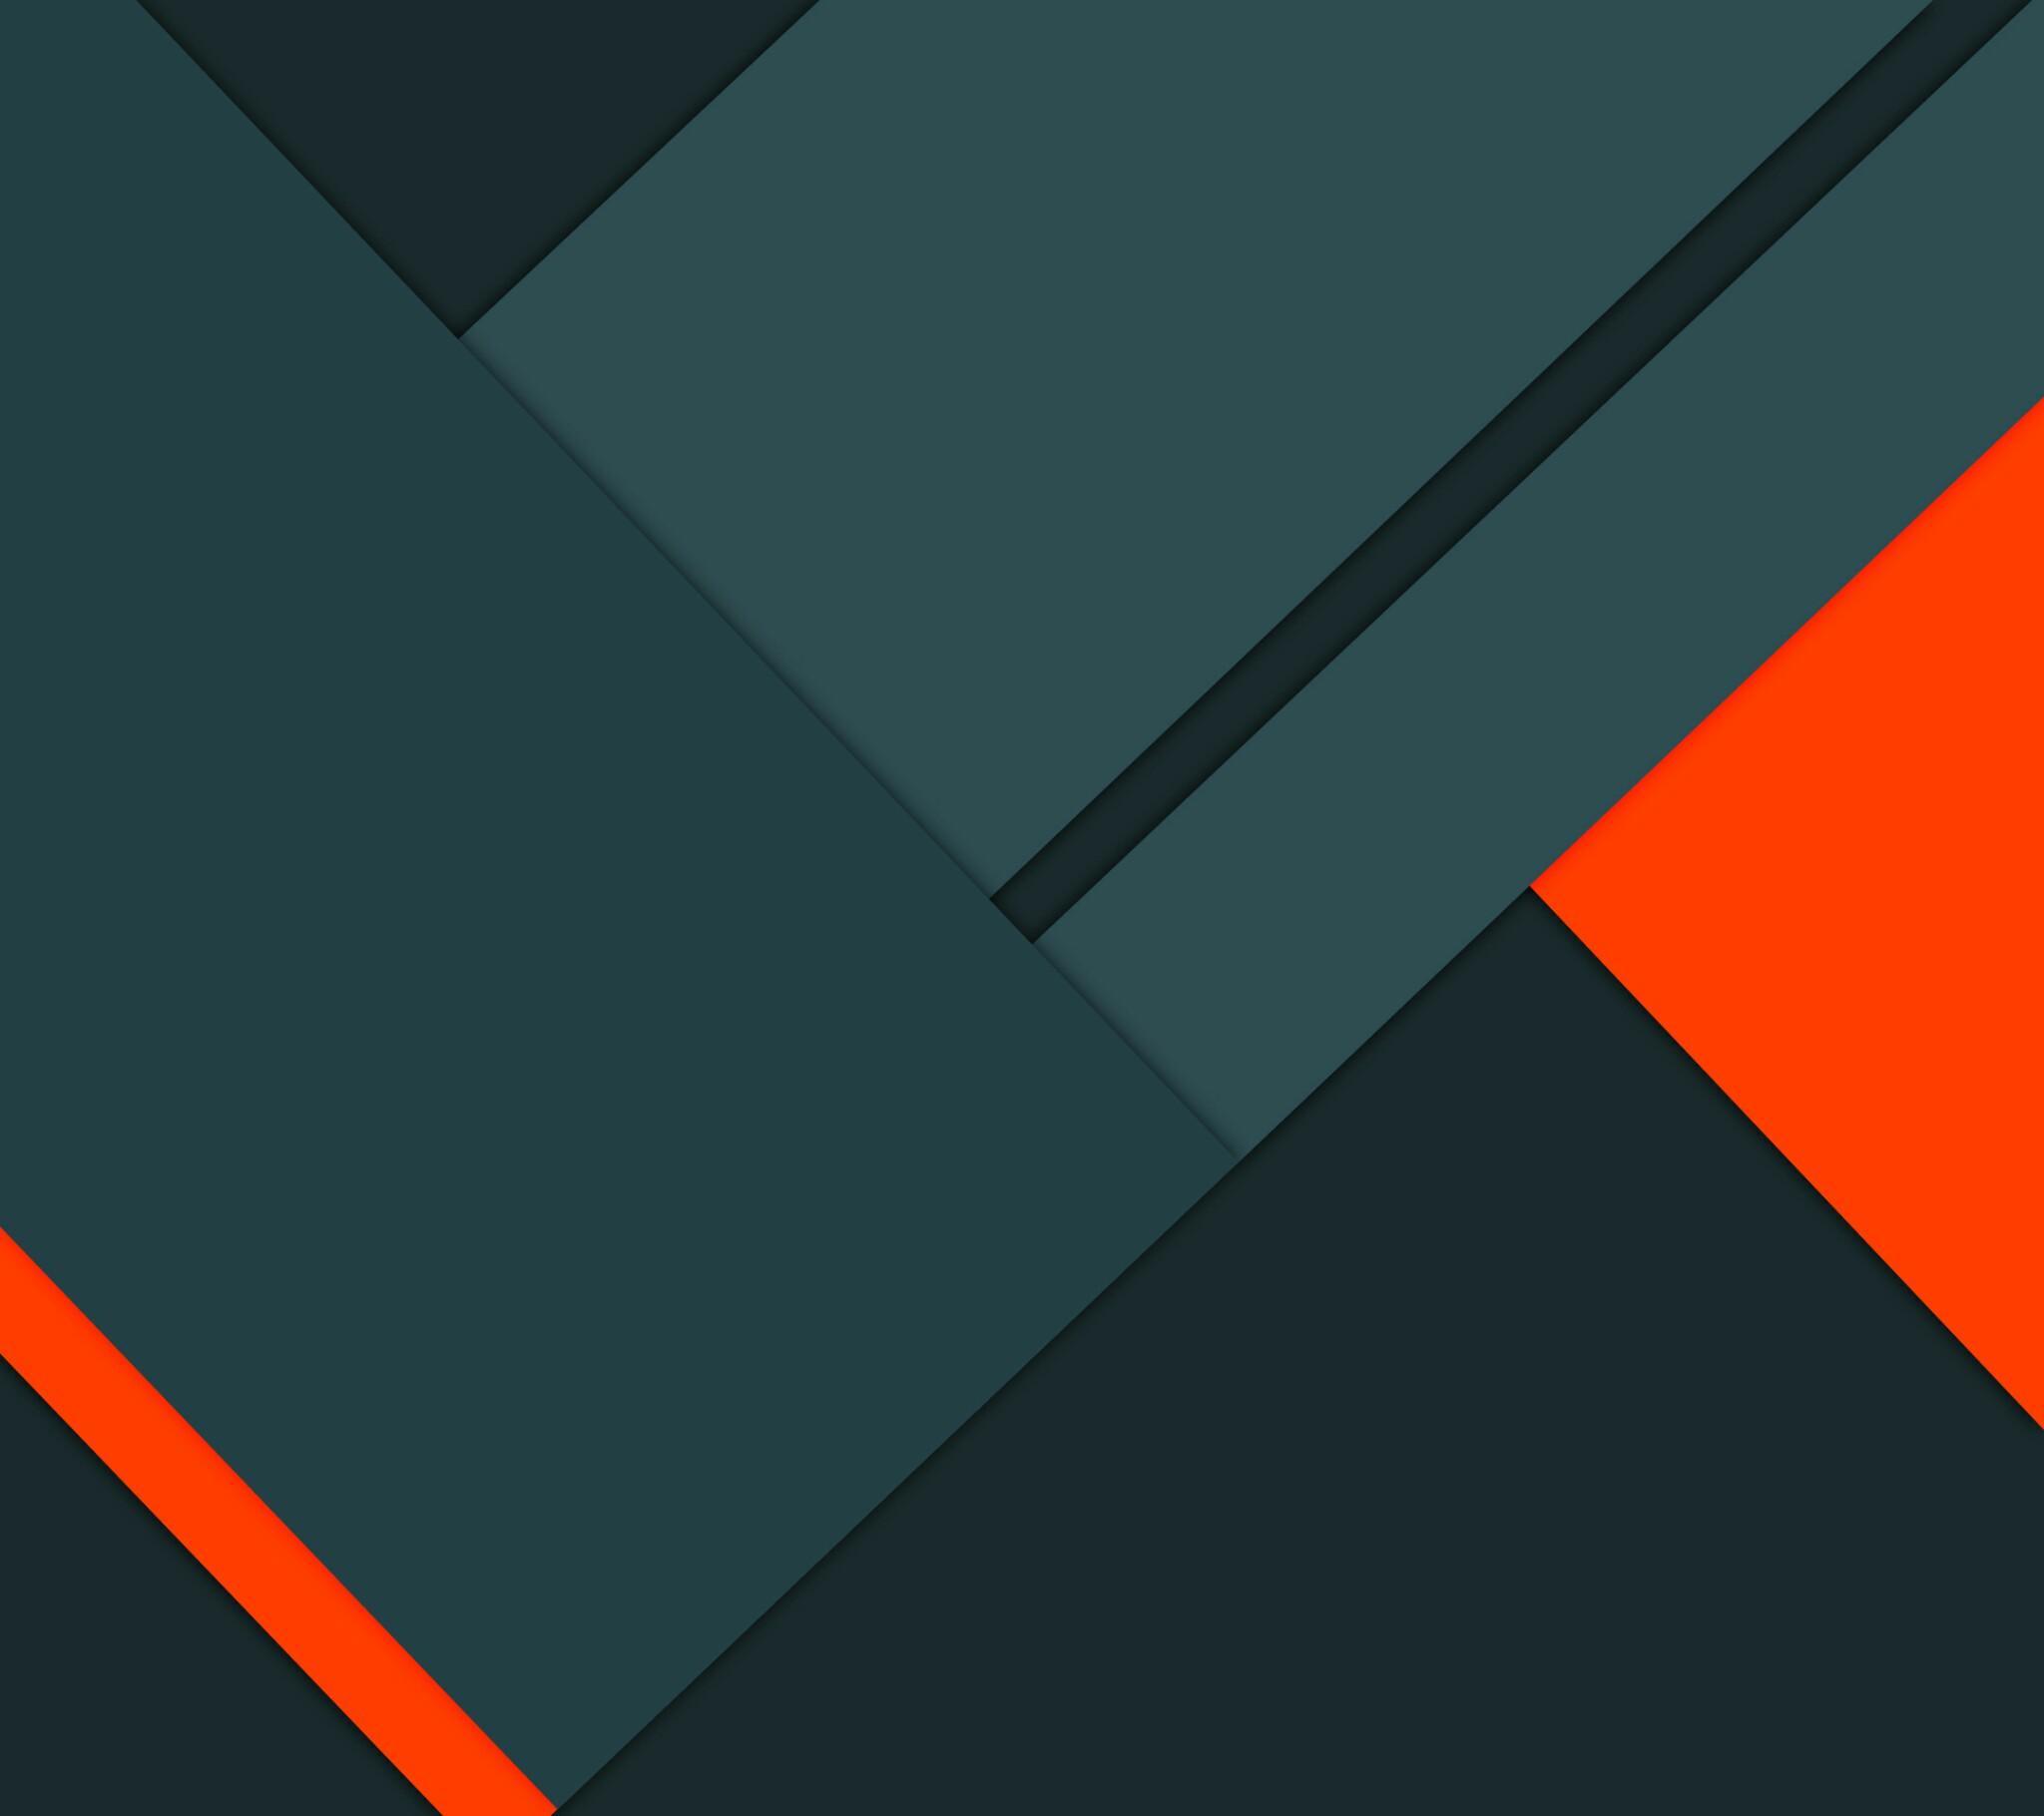 46+ Material Wallpapers HD on WallpaperSafari